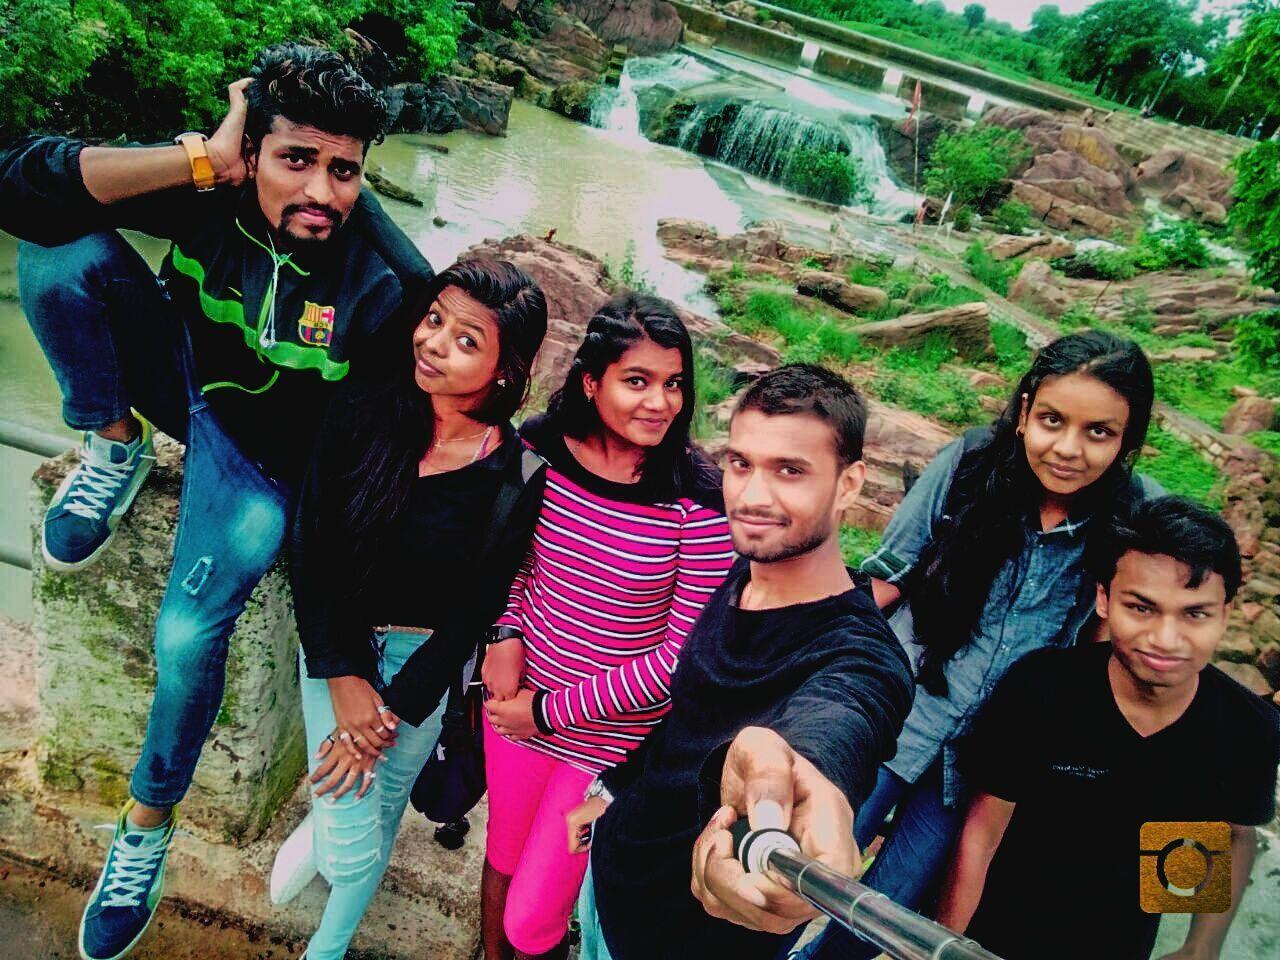 Showcase July Waterfall Rainy Weather Mountains Katni,Mp,India Love ♥ Friends ❤ July Fun